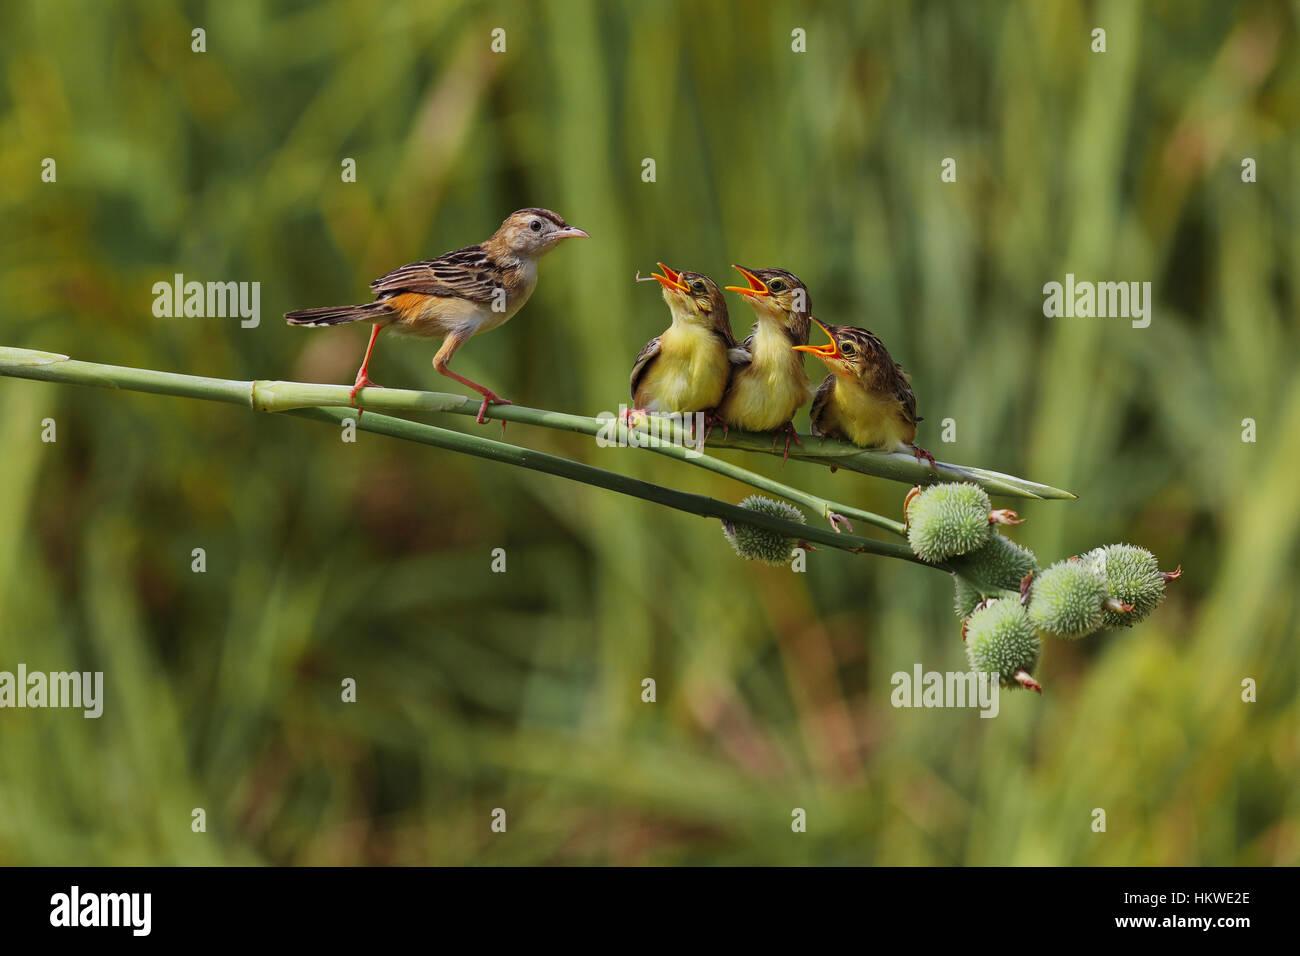 Motherhood of birds life - Stock Image